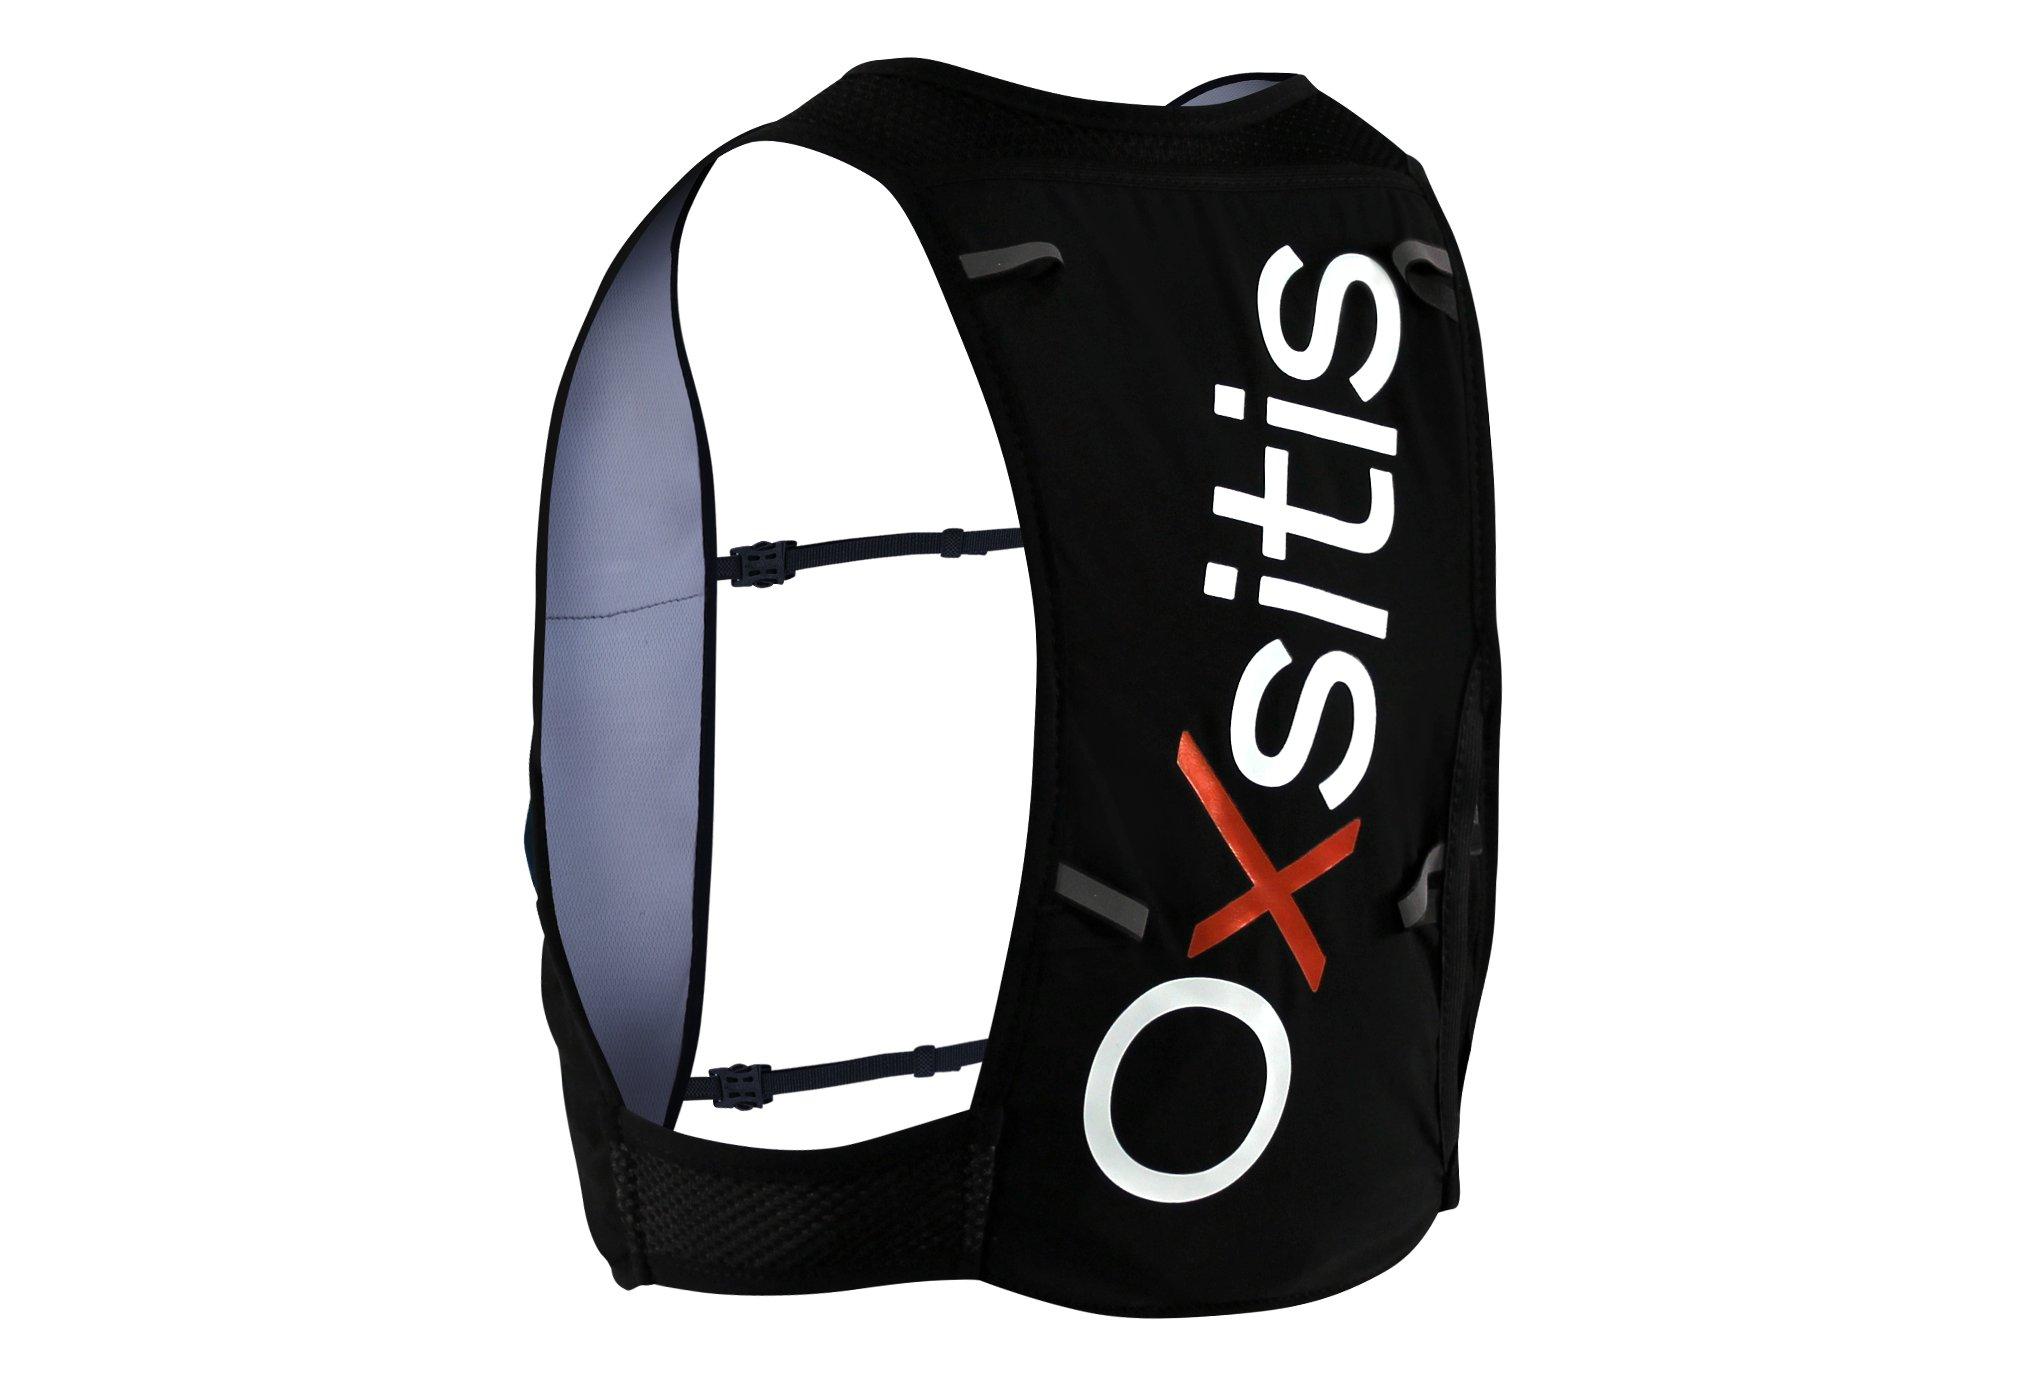 Oxsitis Atom 4 W Sac hydratation / Gourde